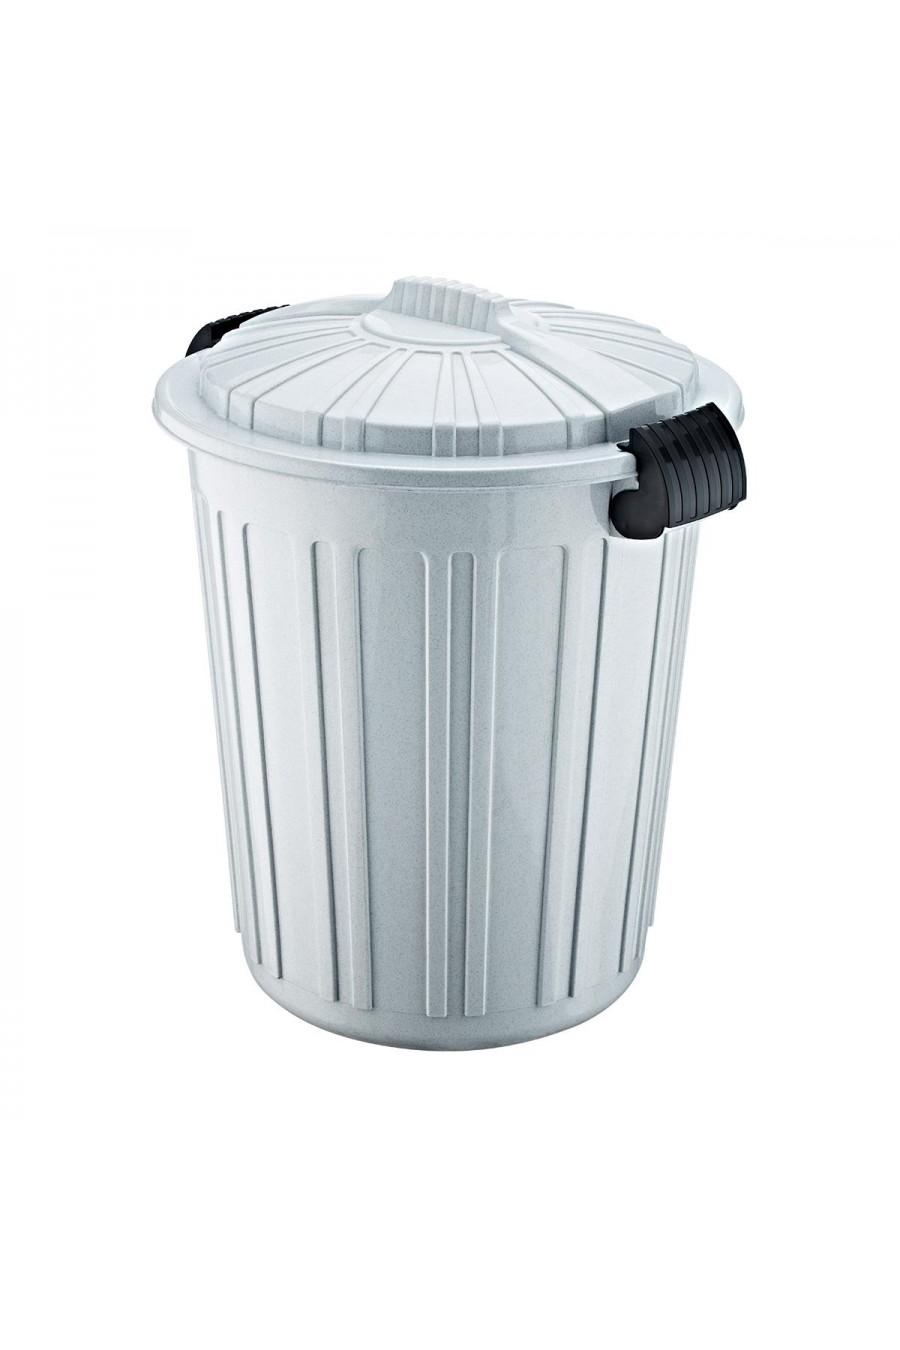 PlastArt Kapaklı Battal Çöp Kovası | 73 lt.